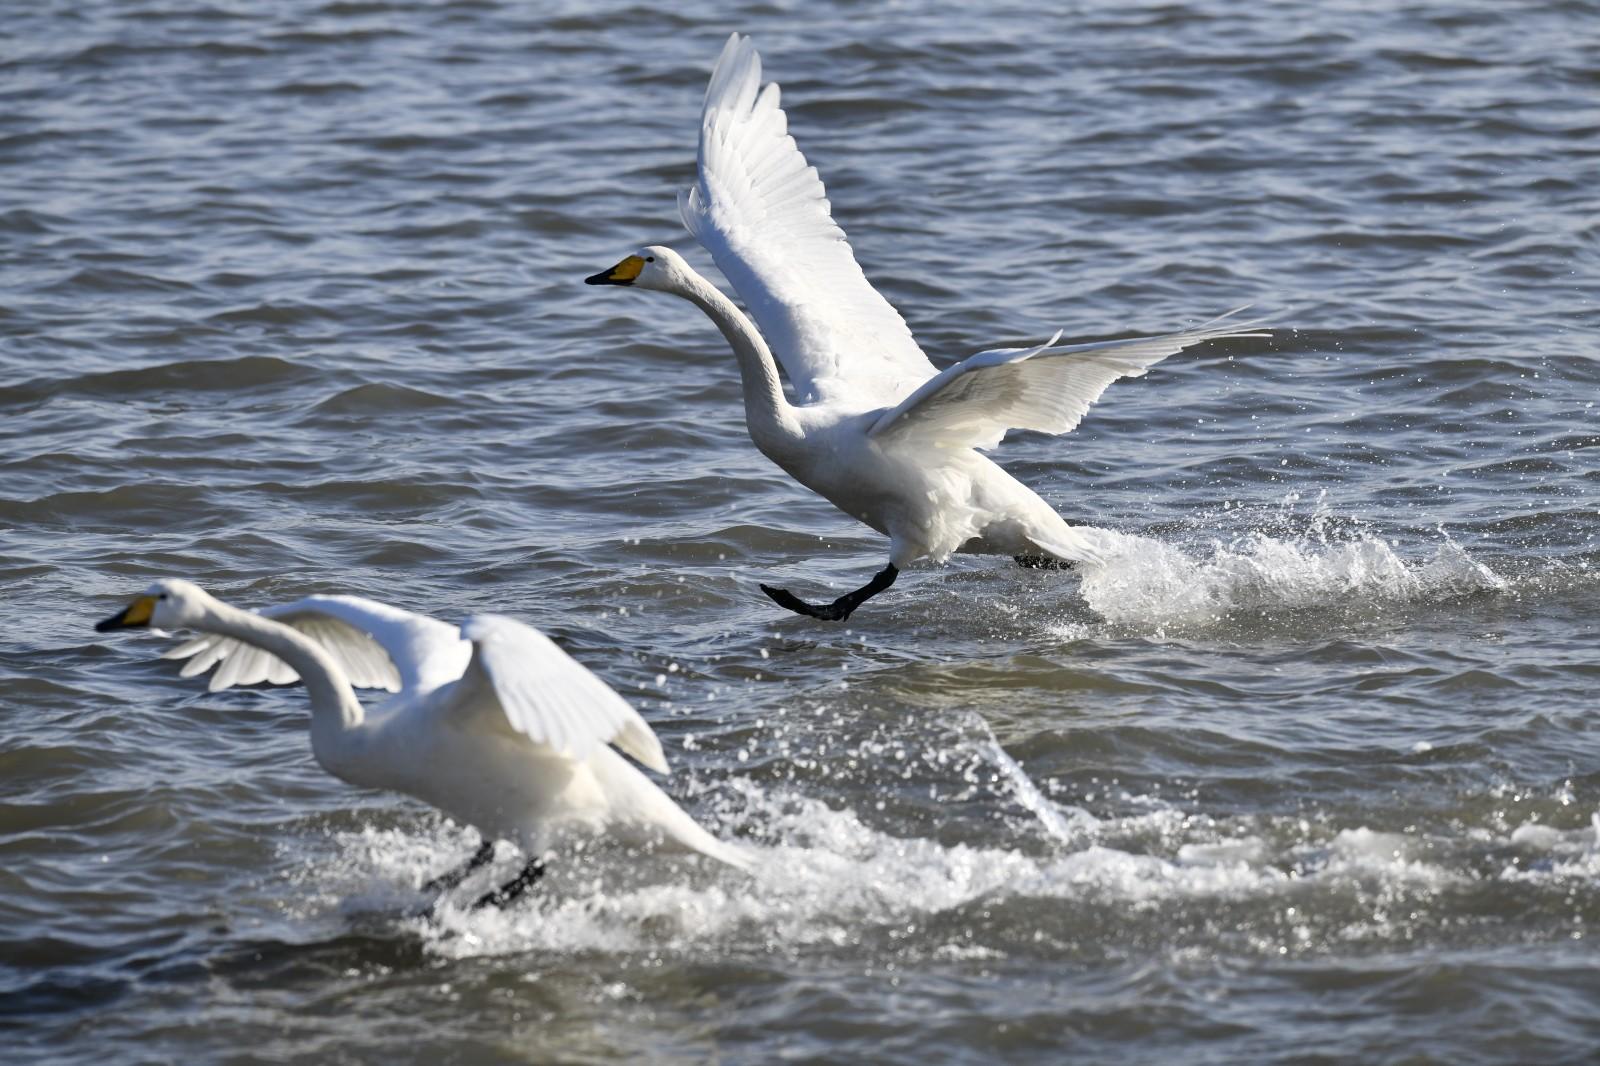 这是荣成大天鹅国家级自然保护区内的大天鹅(1月11日摄)。新华社记者 郭绪雷 摄